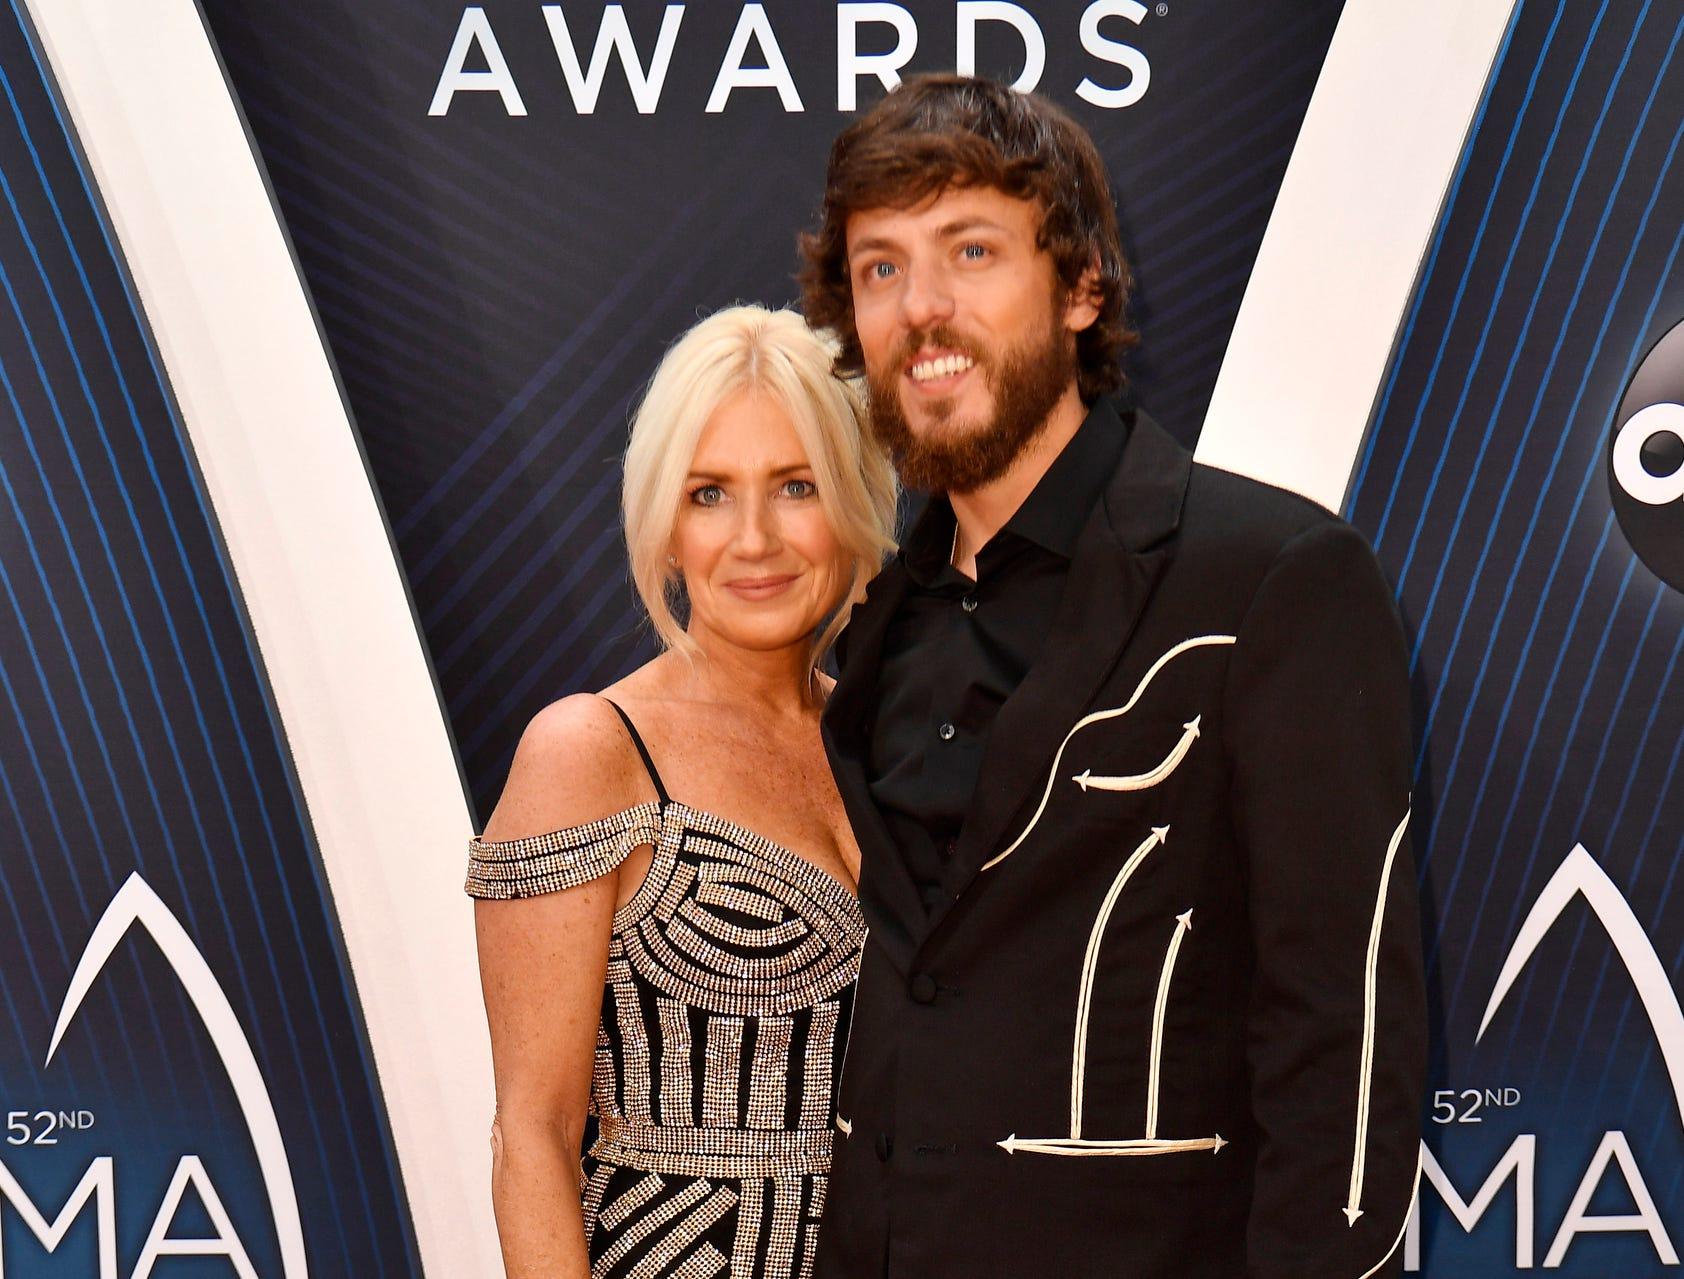 Chris Janson and wife Kelly Lynn